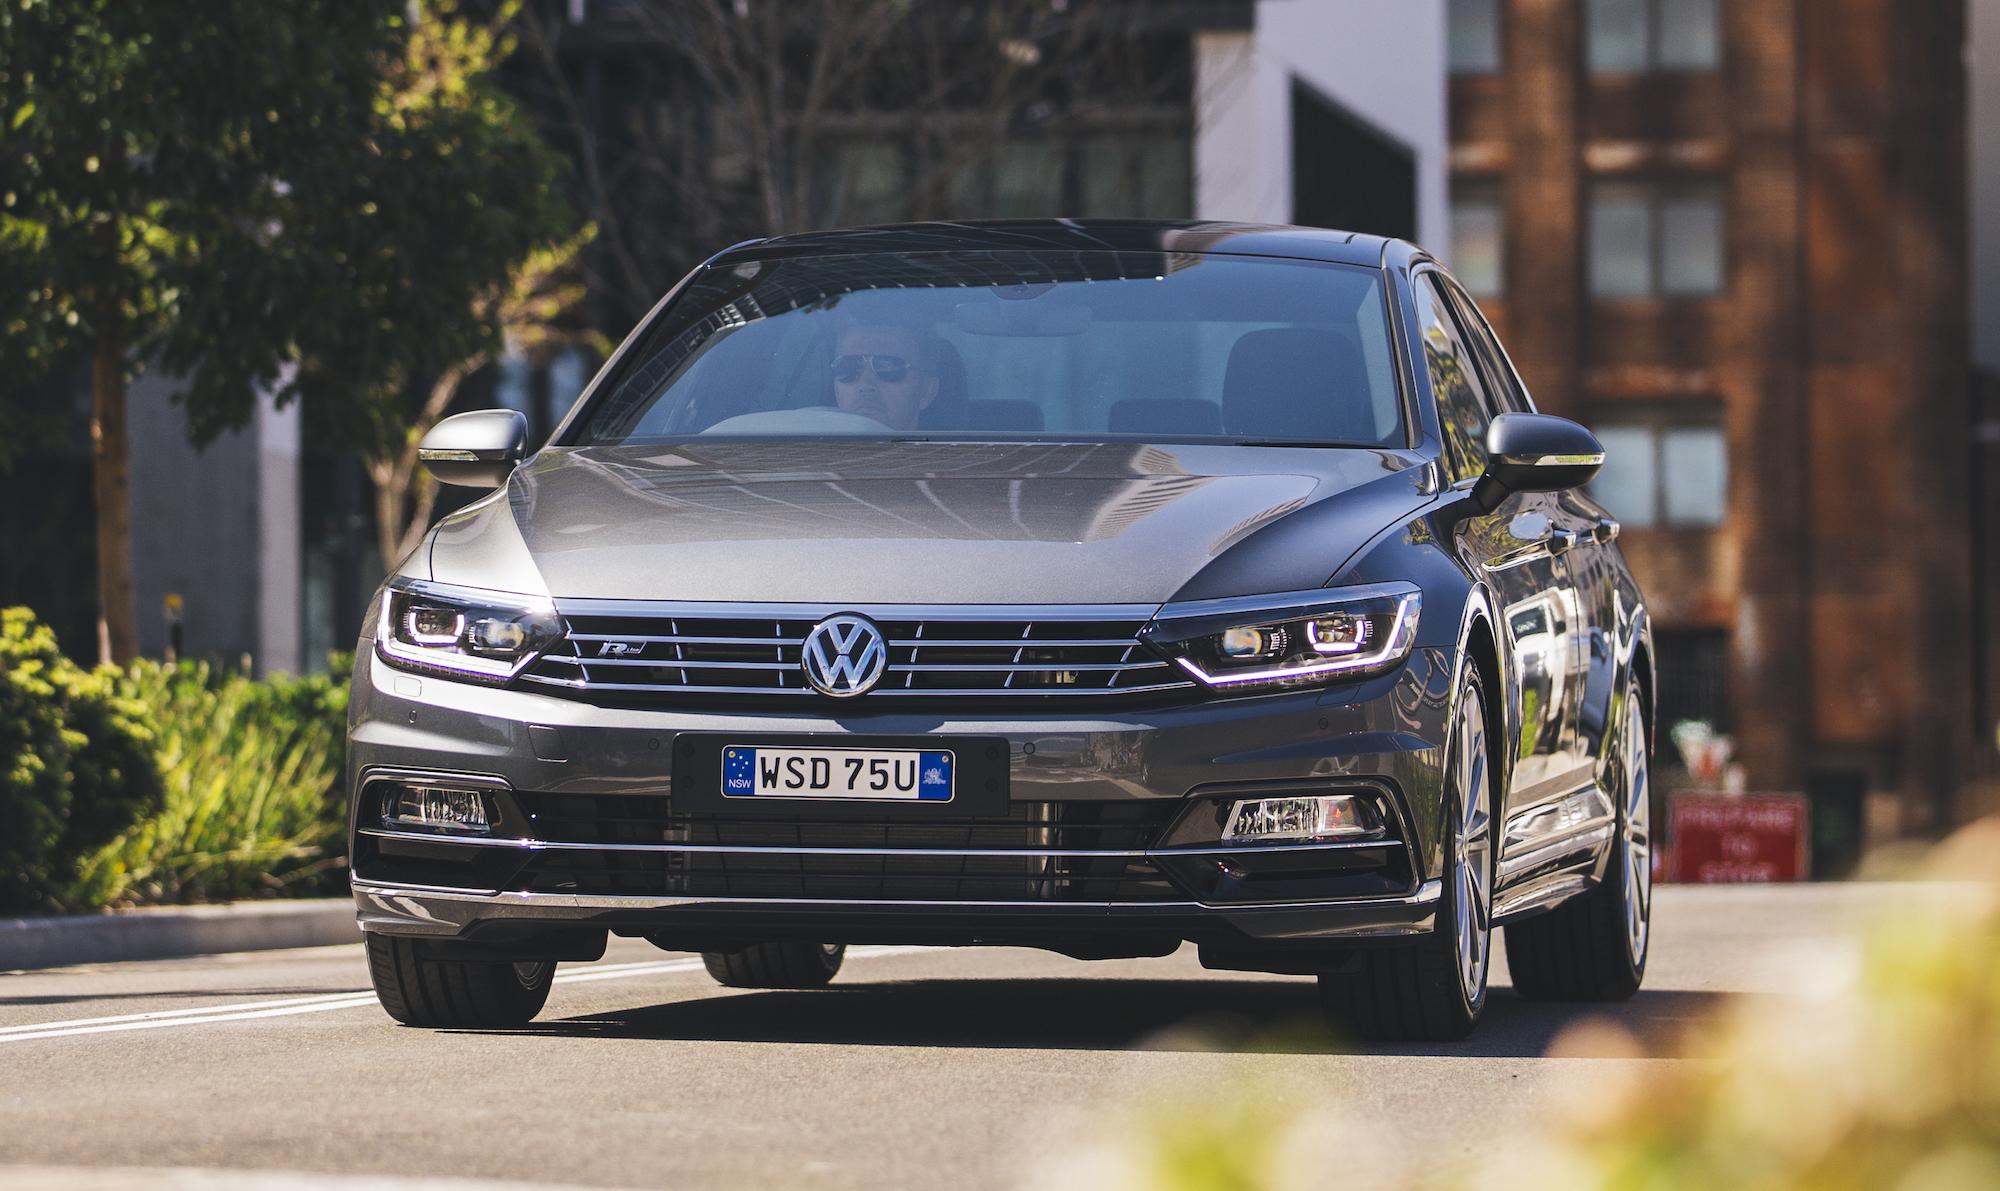 2016 Volkswagen Passat Review | CarAdvice